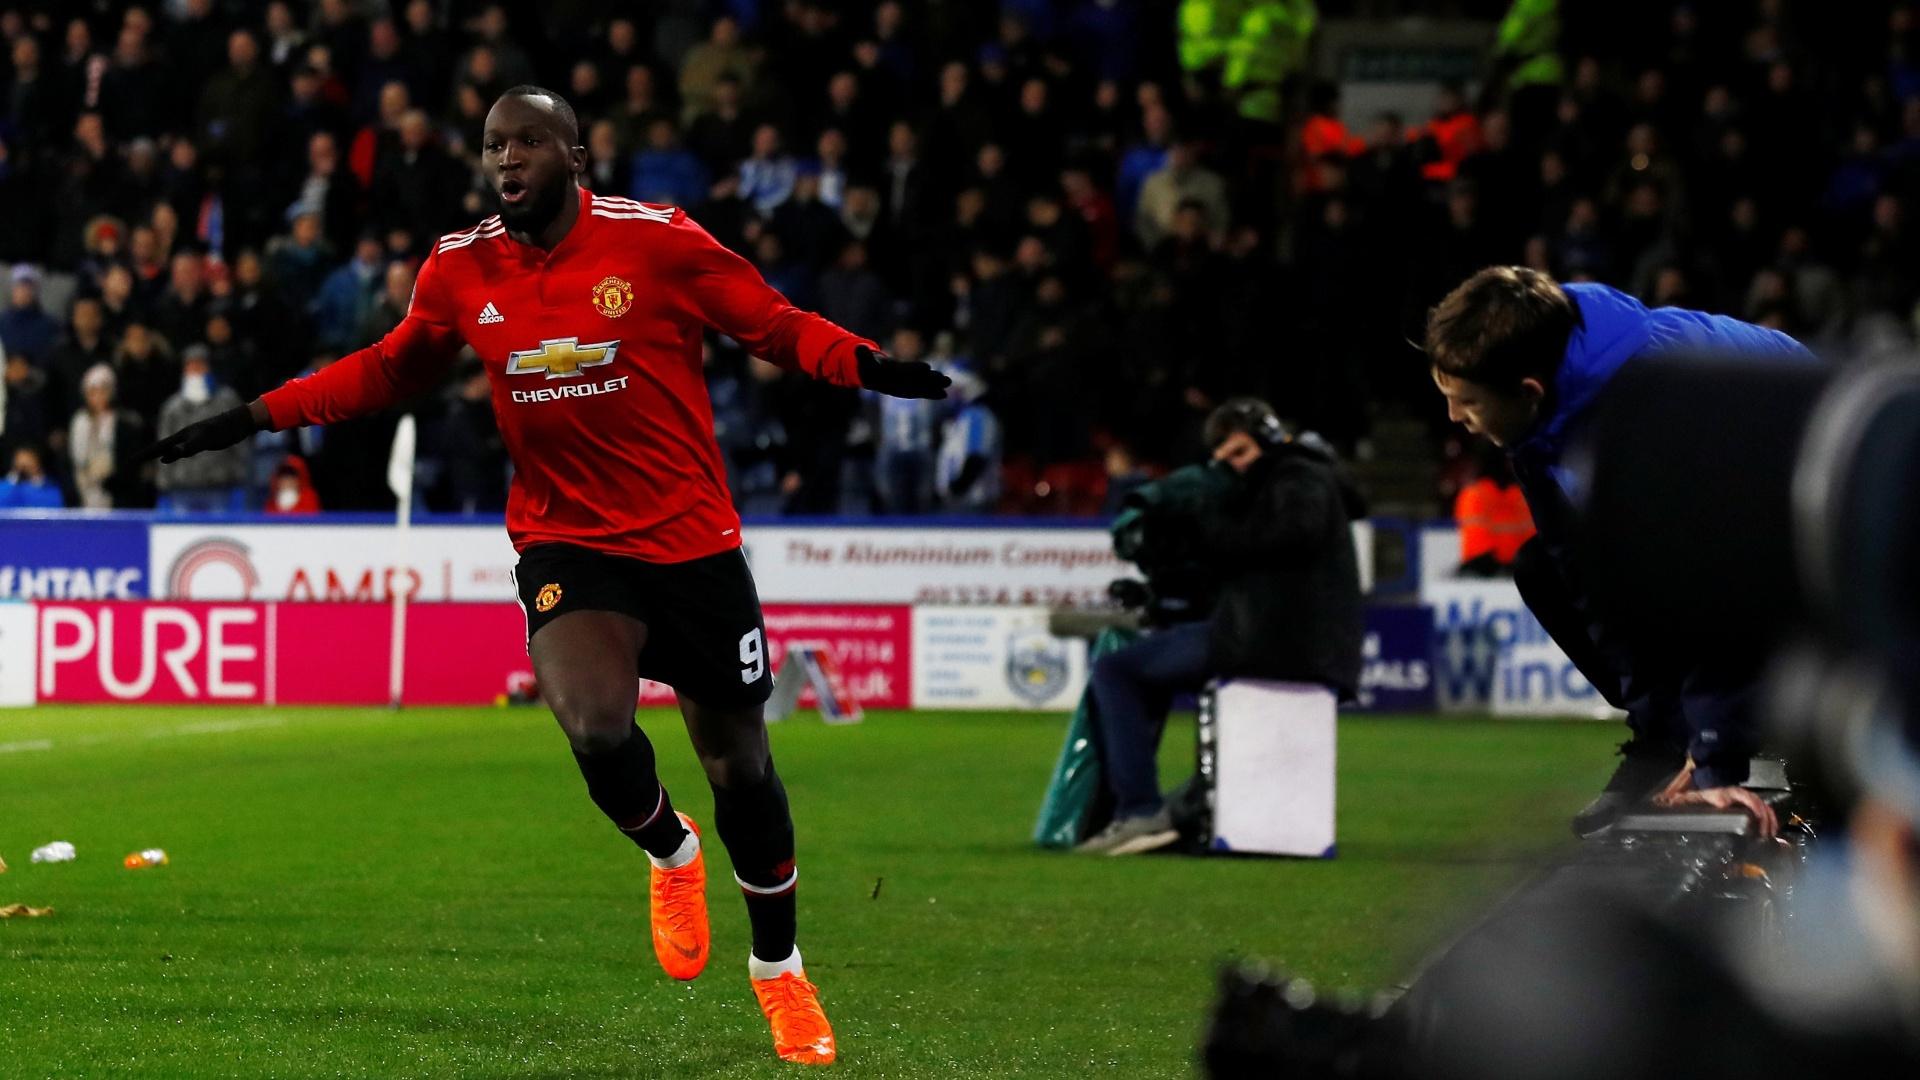 Ele de novo! Lukaku marca seu segundo pelo United contra o Huddersfield